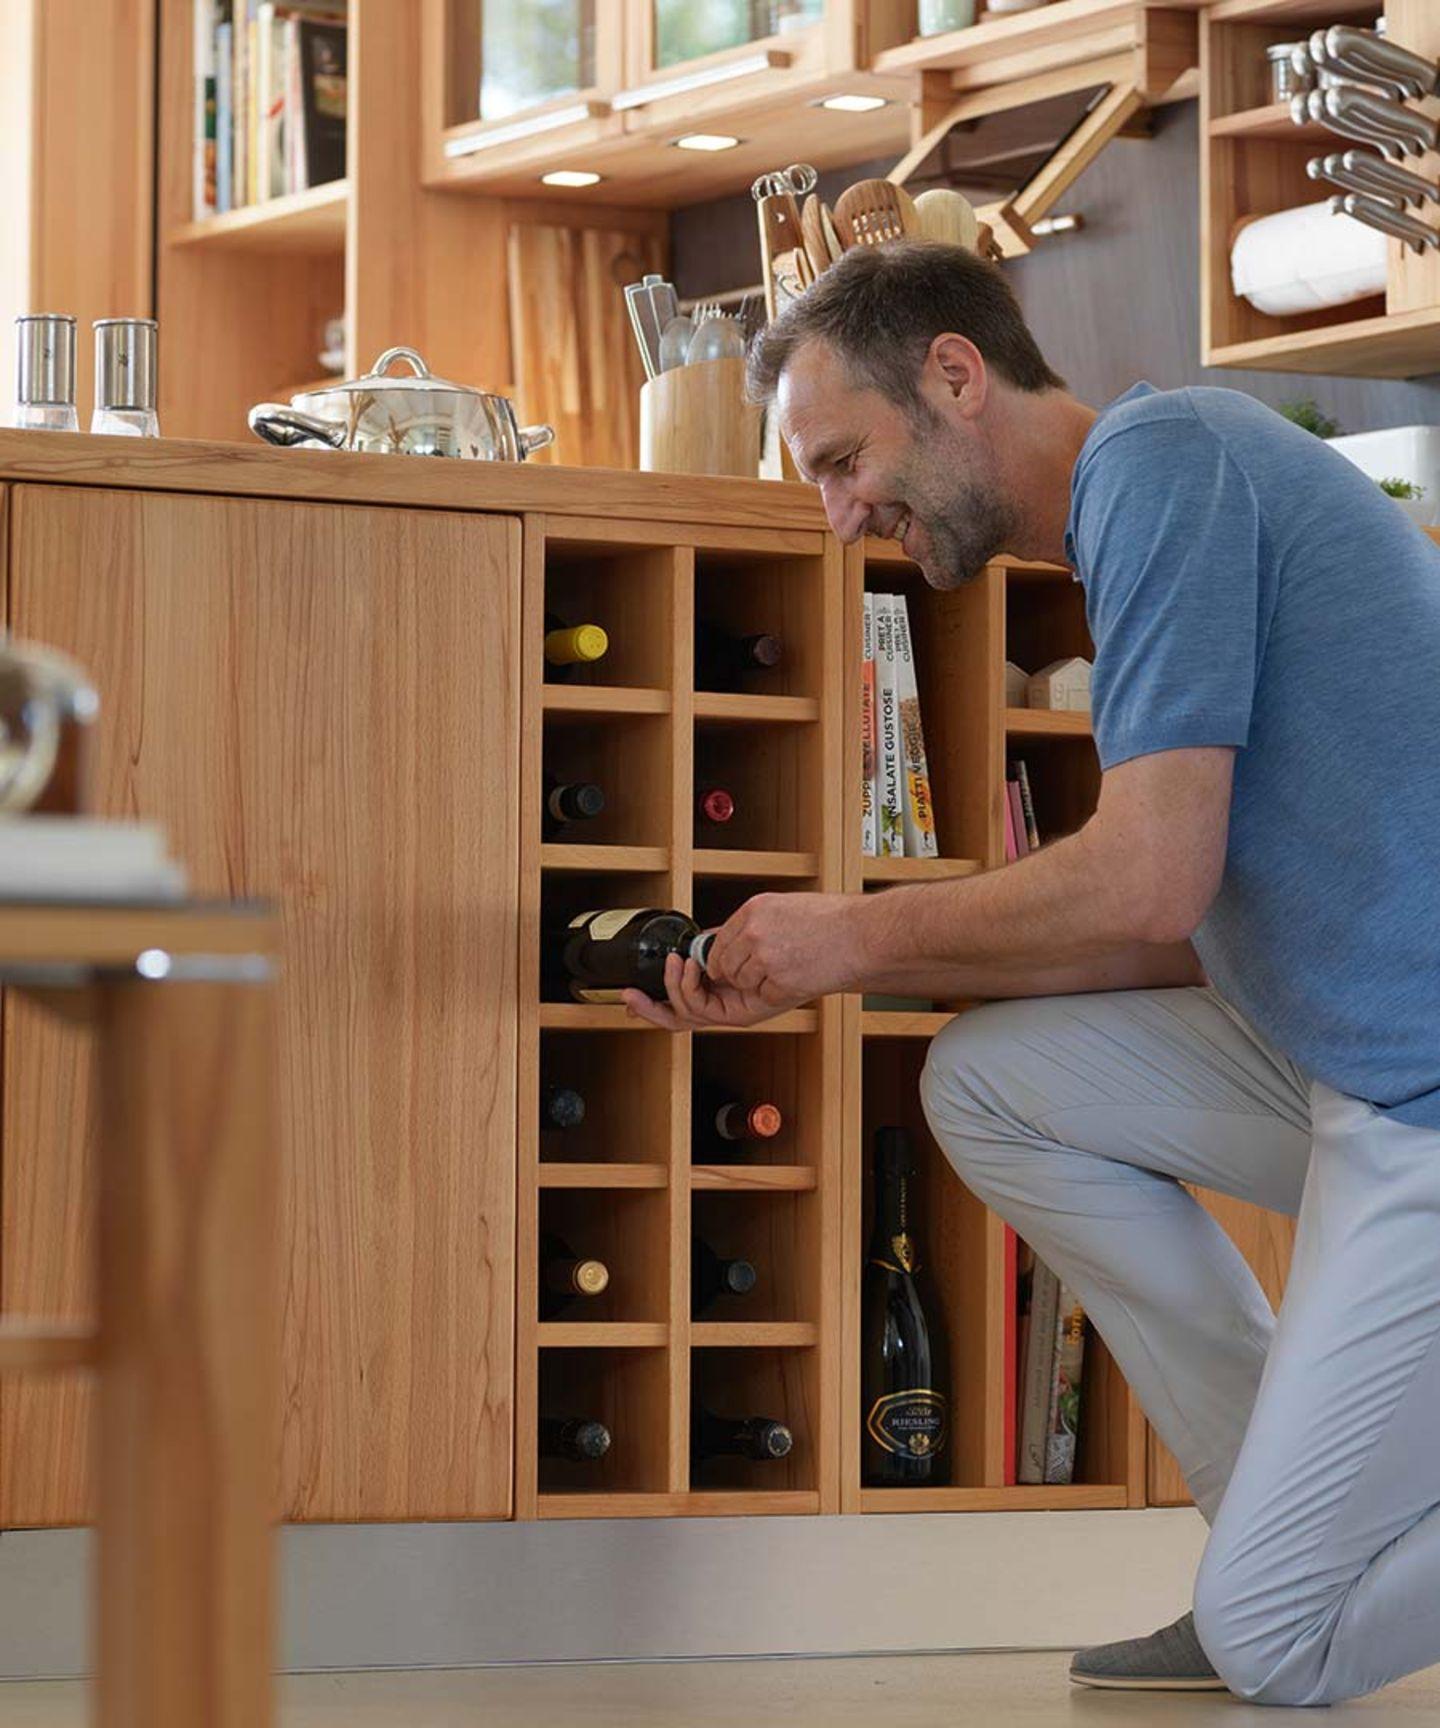 Cuisine en bois naturel rondo avec étagère intégrée